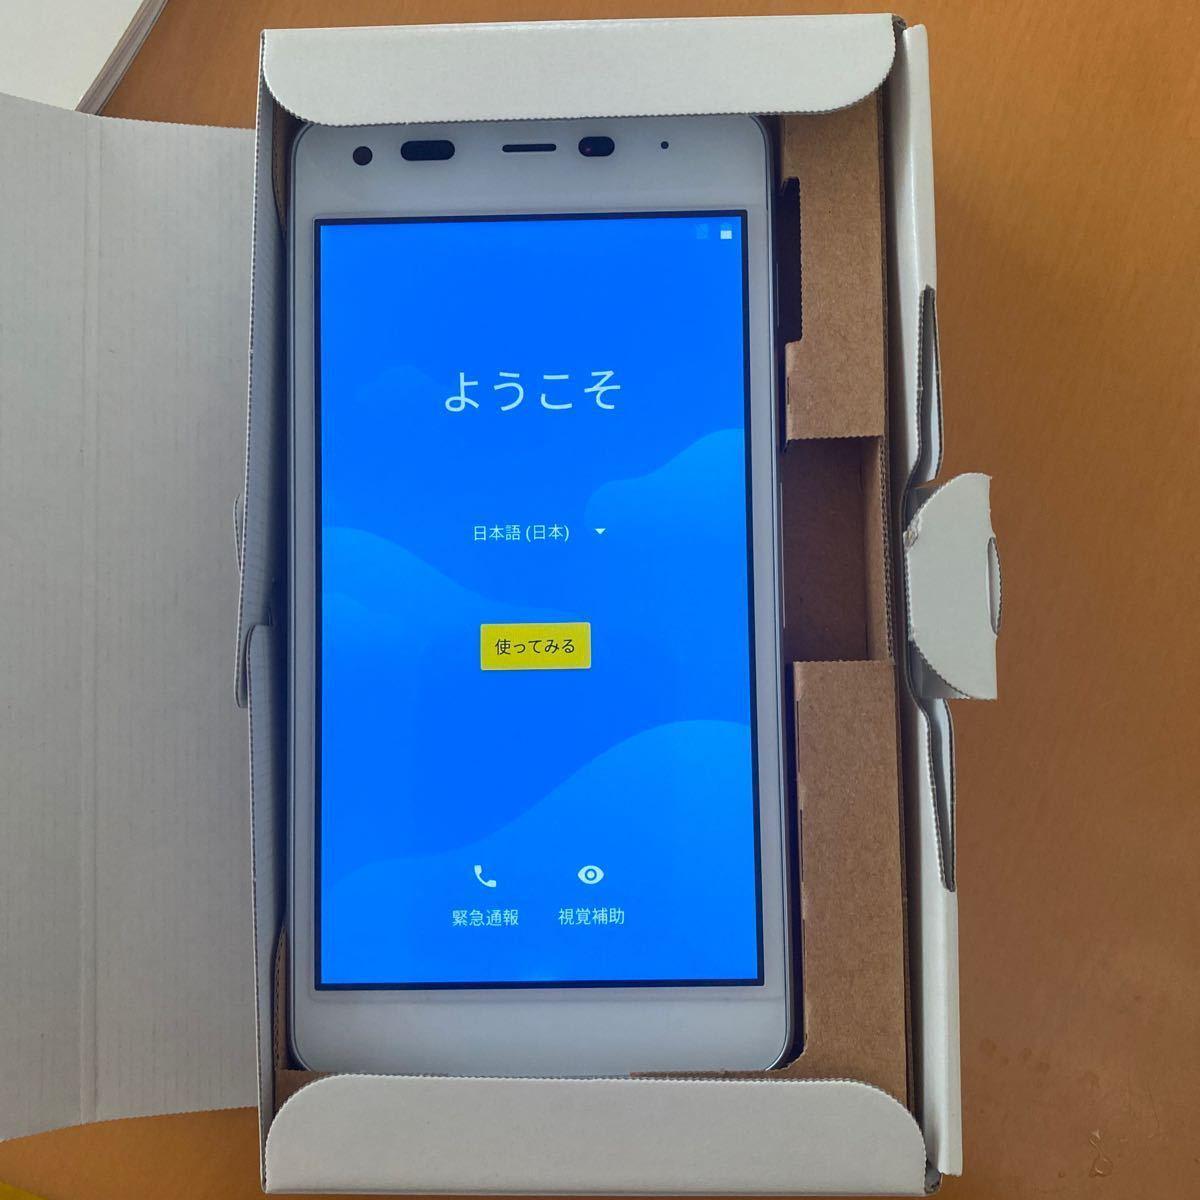 匿名発送無料!中古美品 SIMフリー Y!mobile Android One S2 ホワイト ネットワーク制限○ SIMロック解除済み 初期化済み_画像2